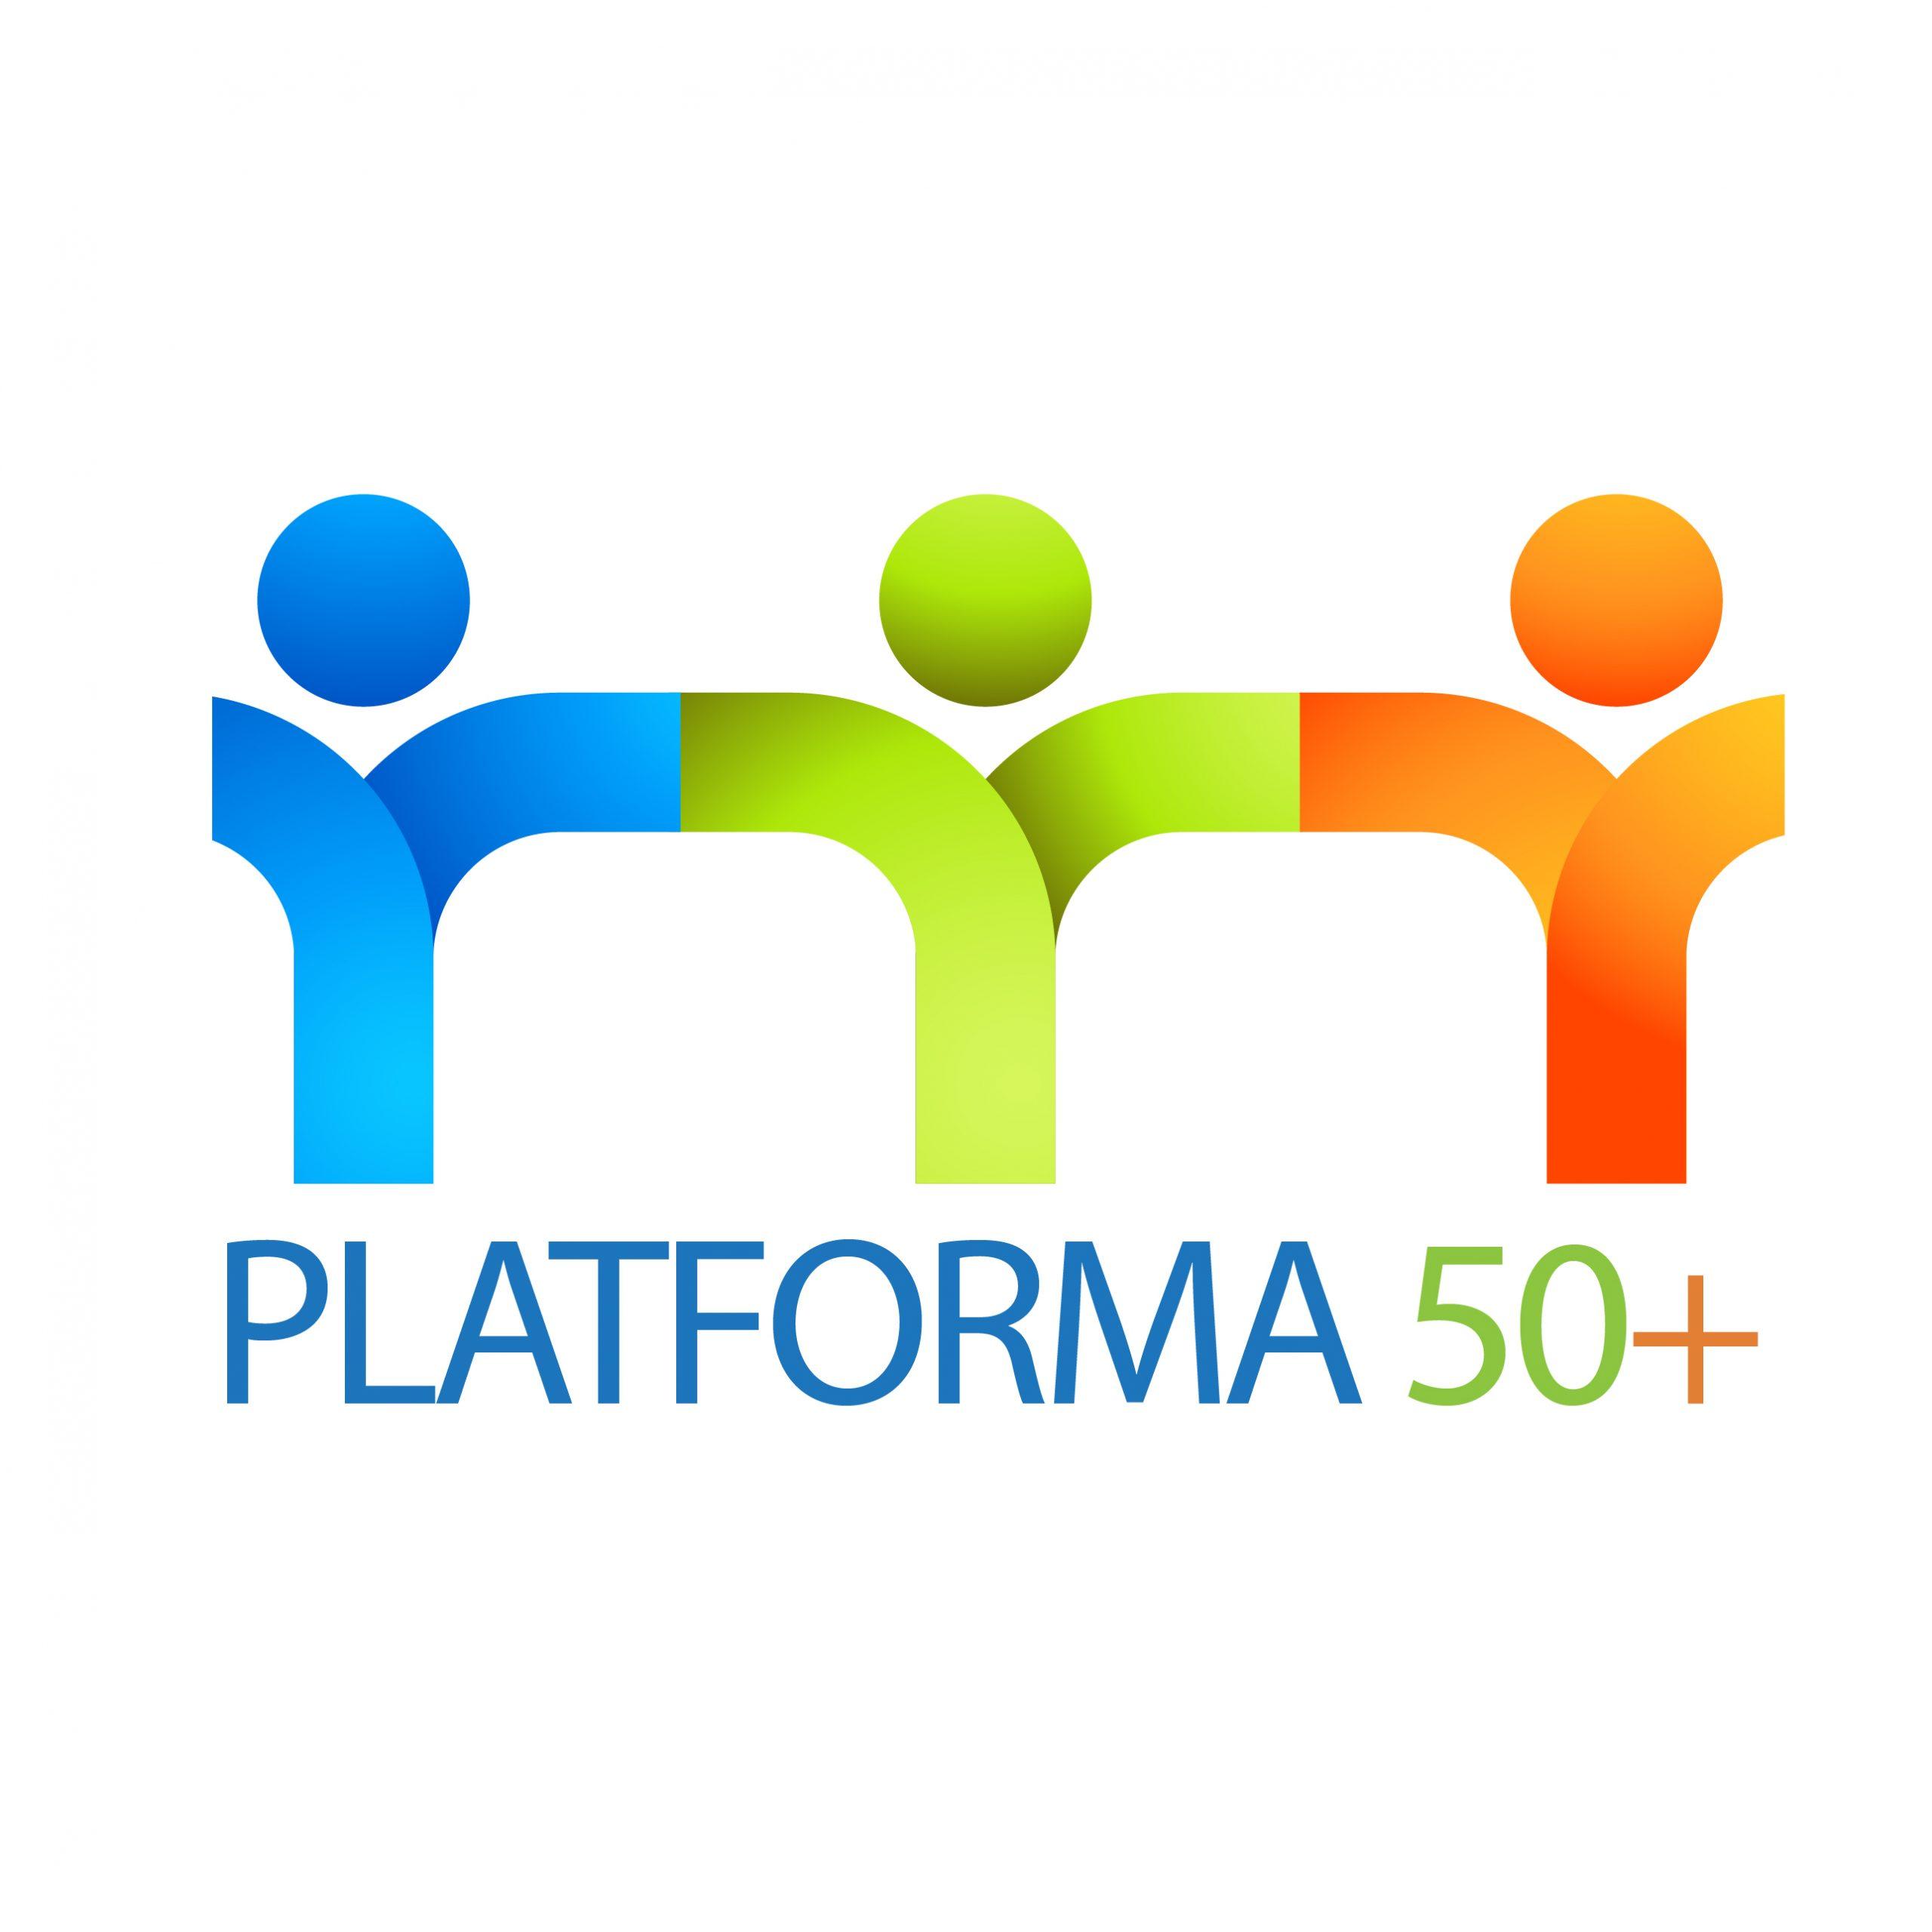 Platforma 50+